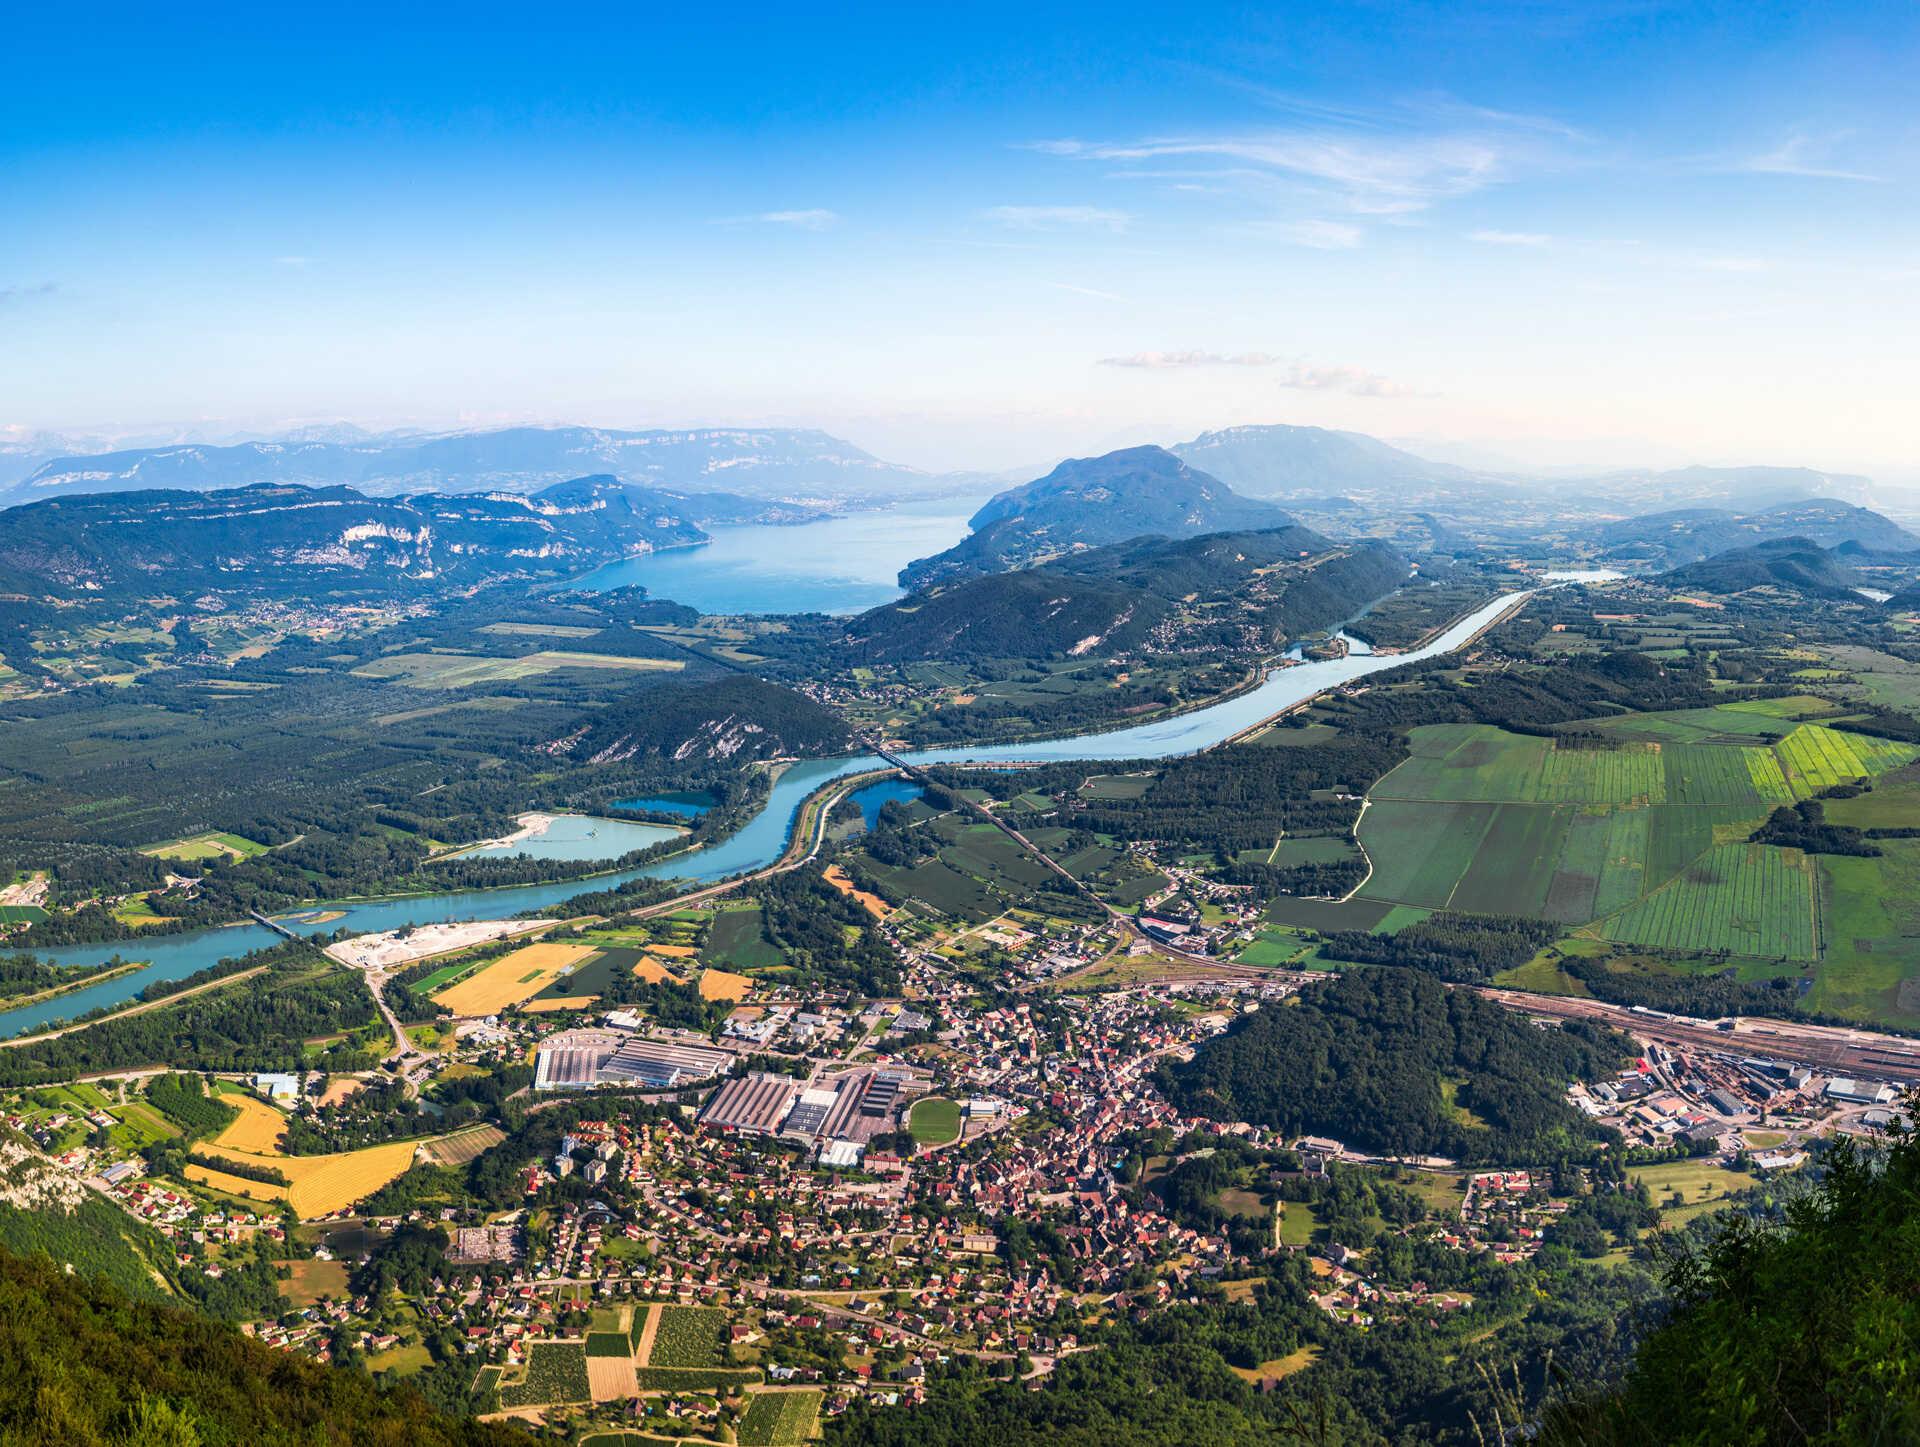 paysage de montagne avec une rivière